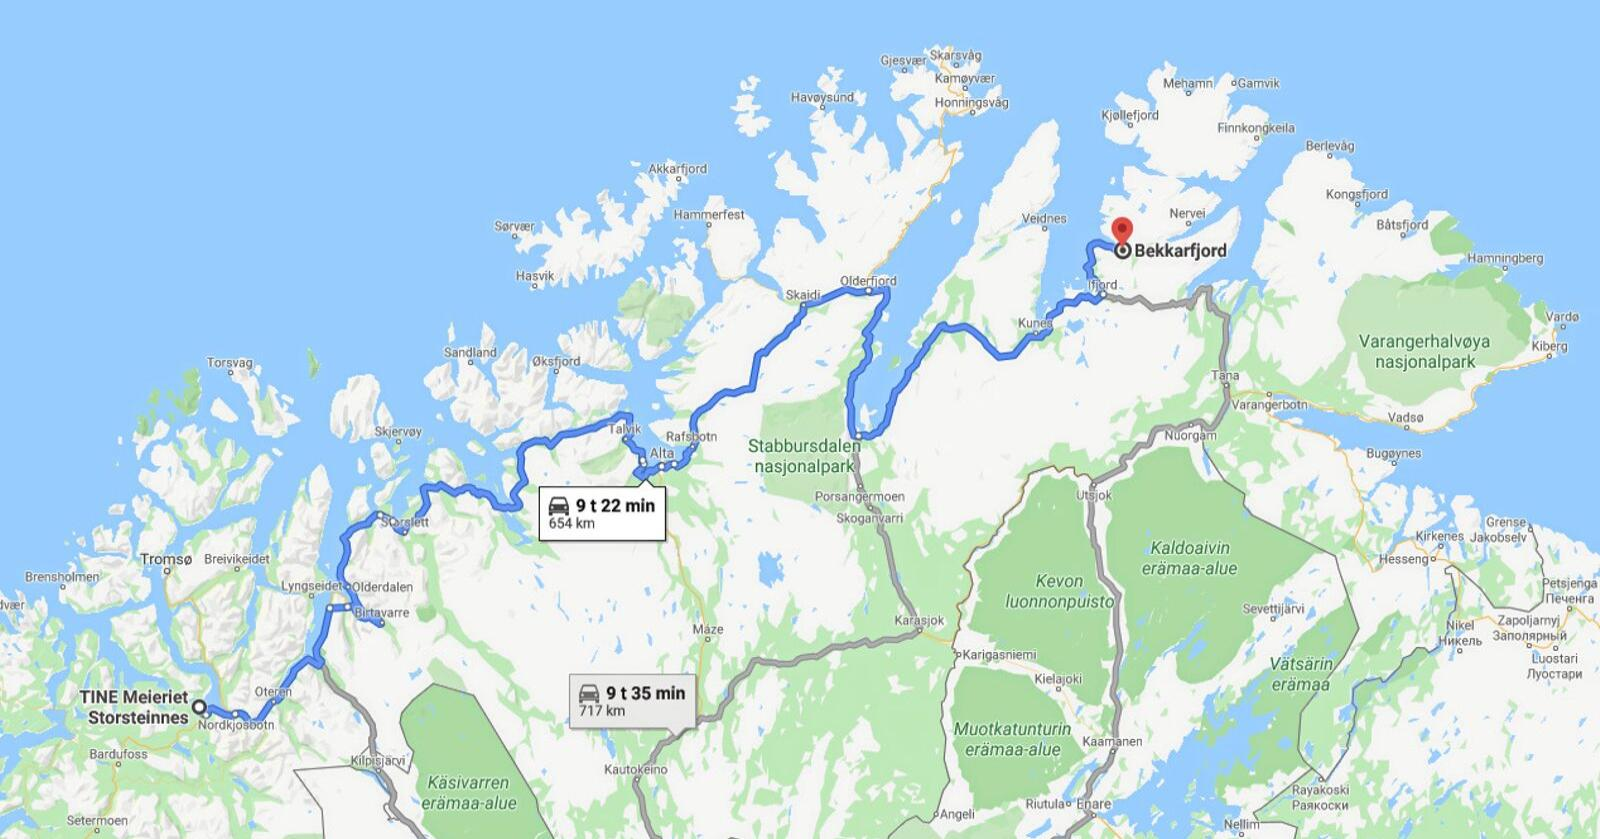 Dersom Tine-anlegga i Alta og Tana blir lagt ned vil mjølka til mellom andre Lise Kaldahl Skreddernes, leiar av Finnmark bondelag, få ein lang reiseveg. Skjermdump: Google maps